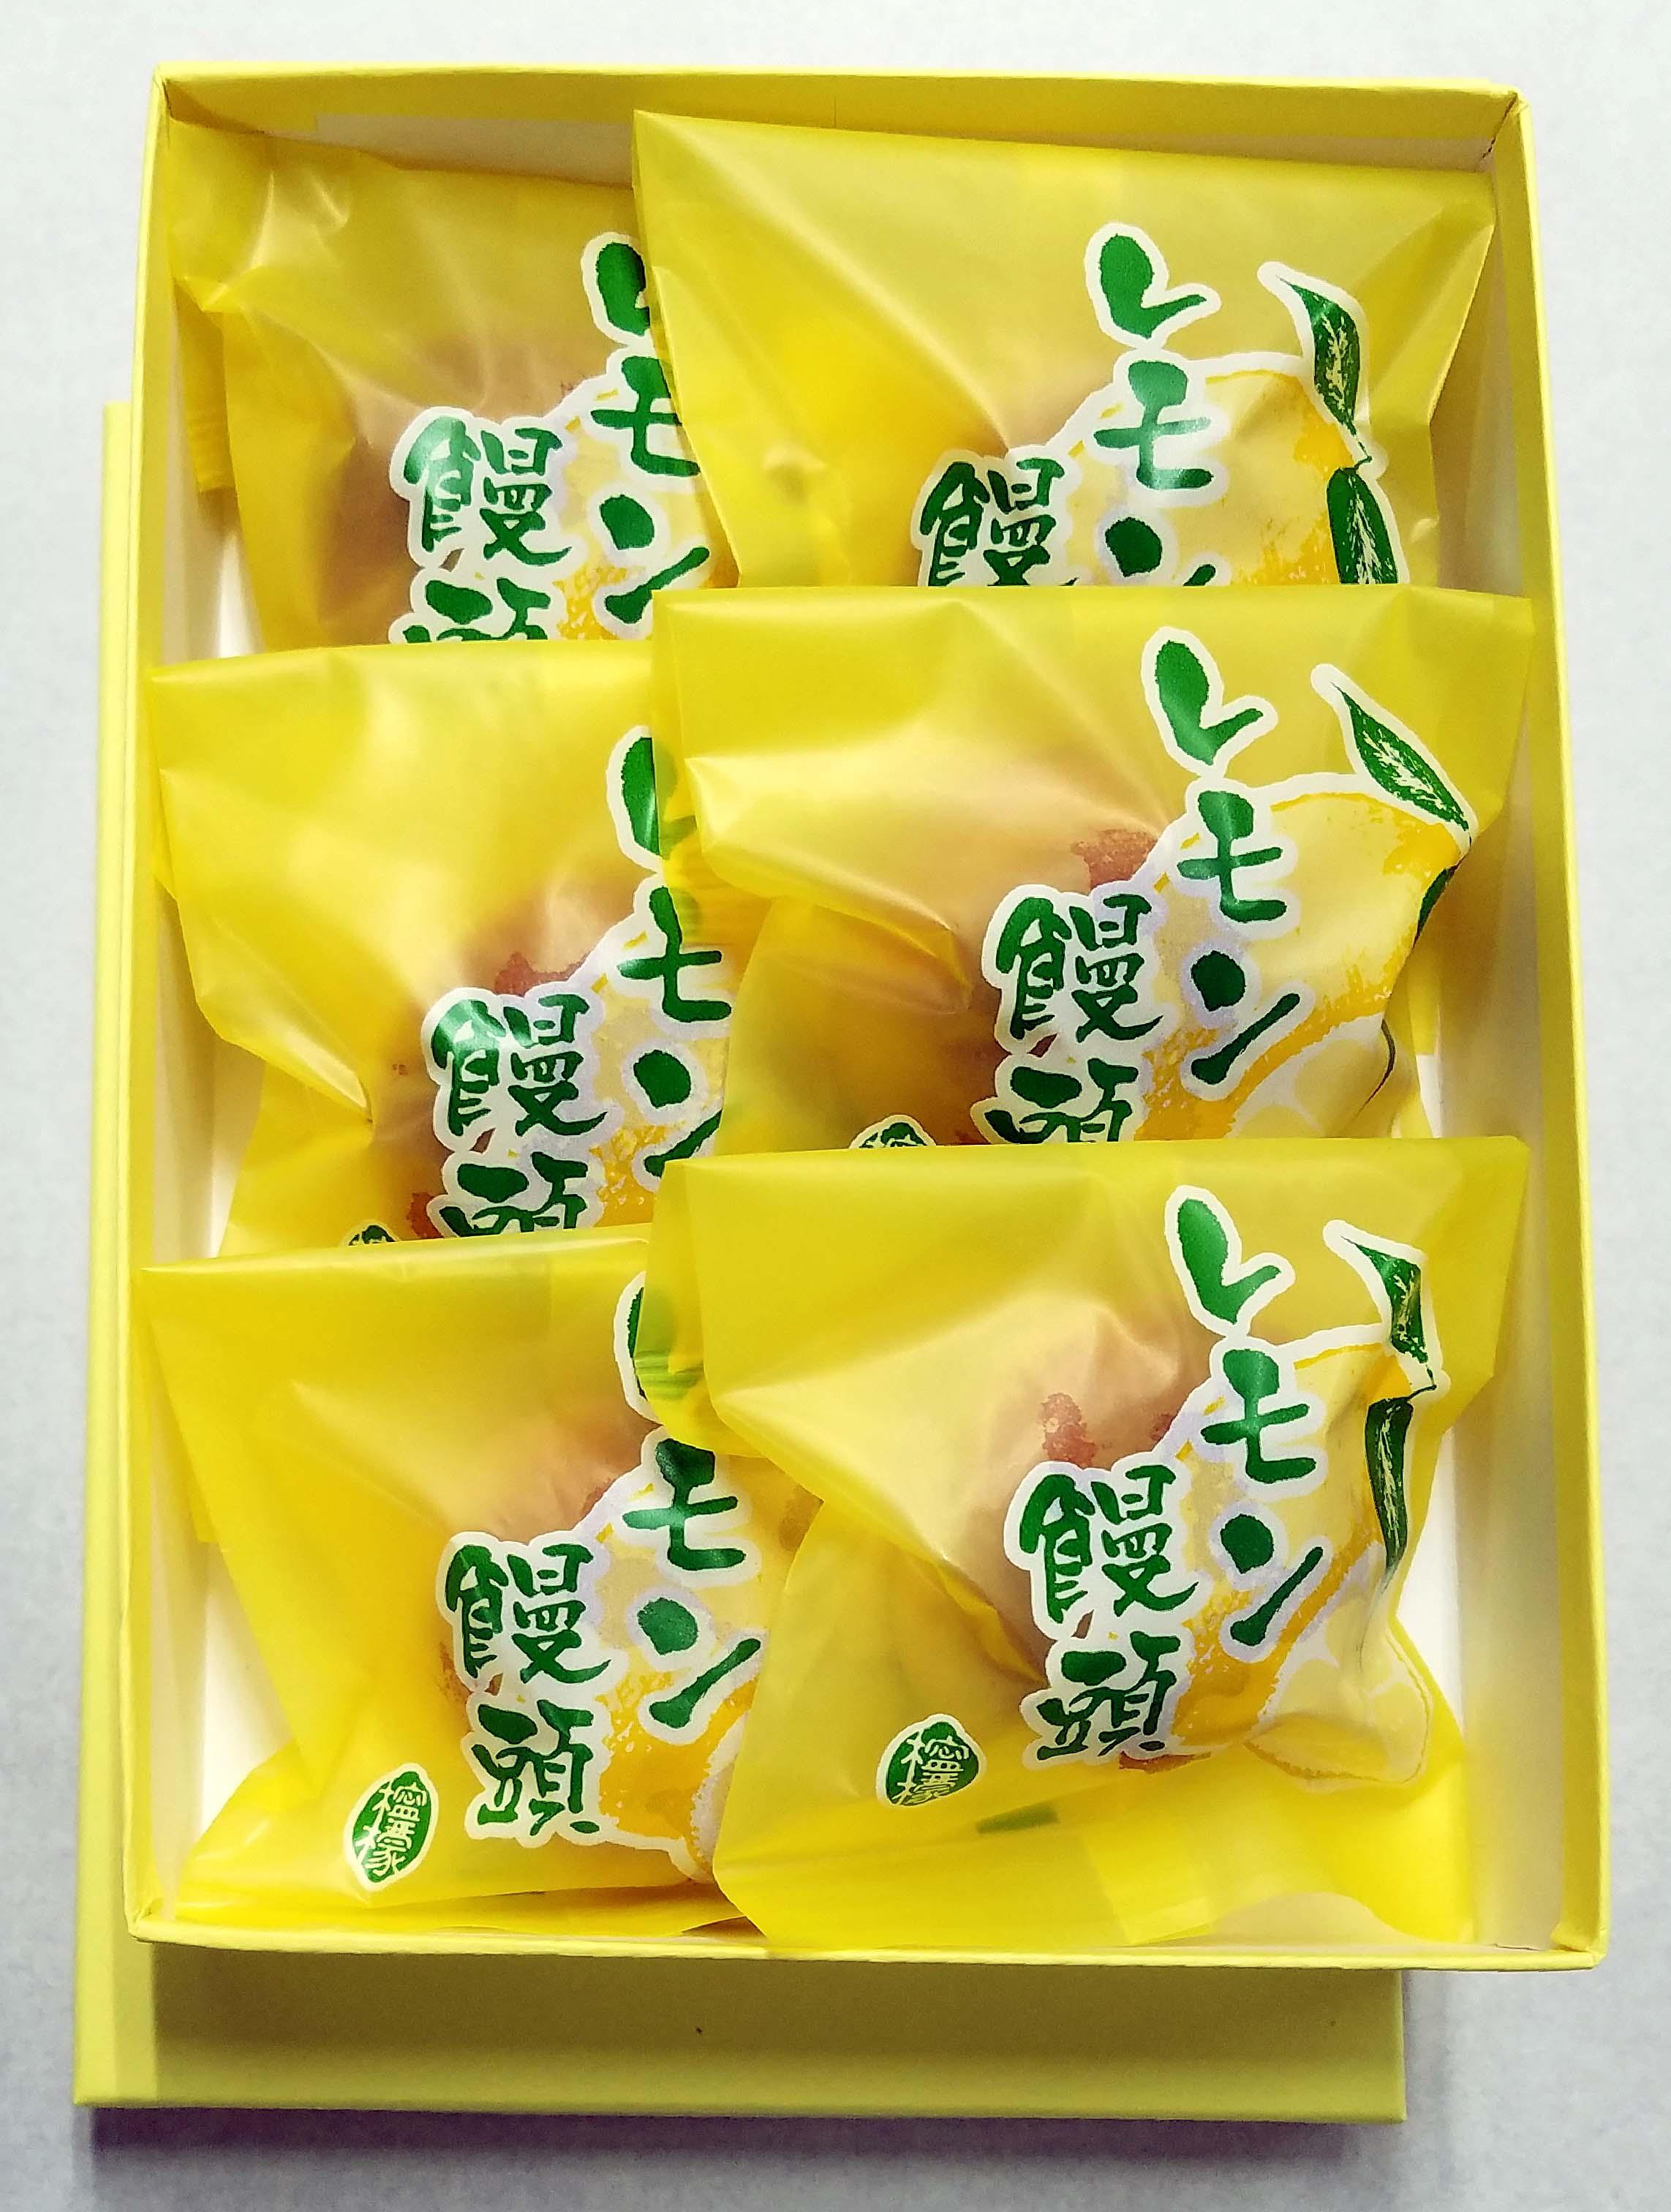 レモン饅頭 6個箱入り